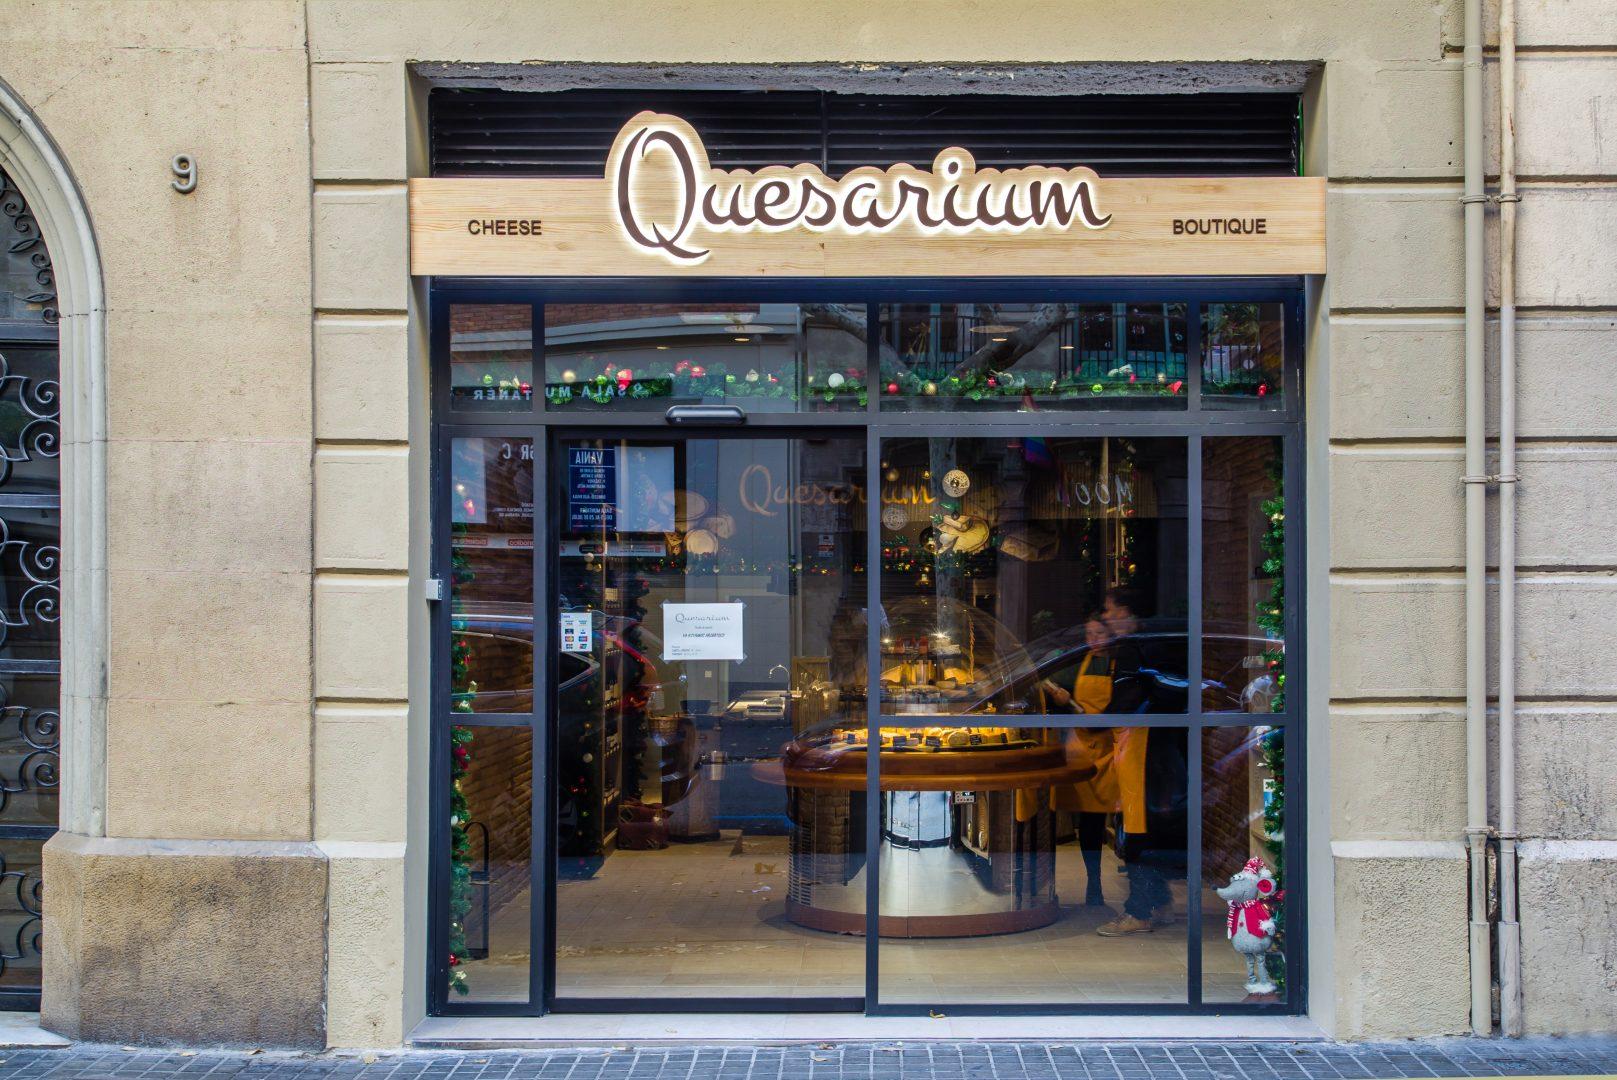 image-2 reforma quesarium